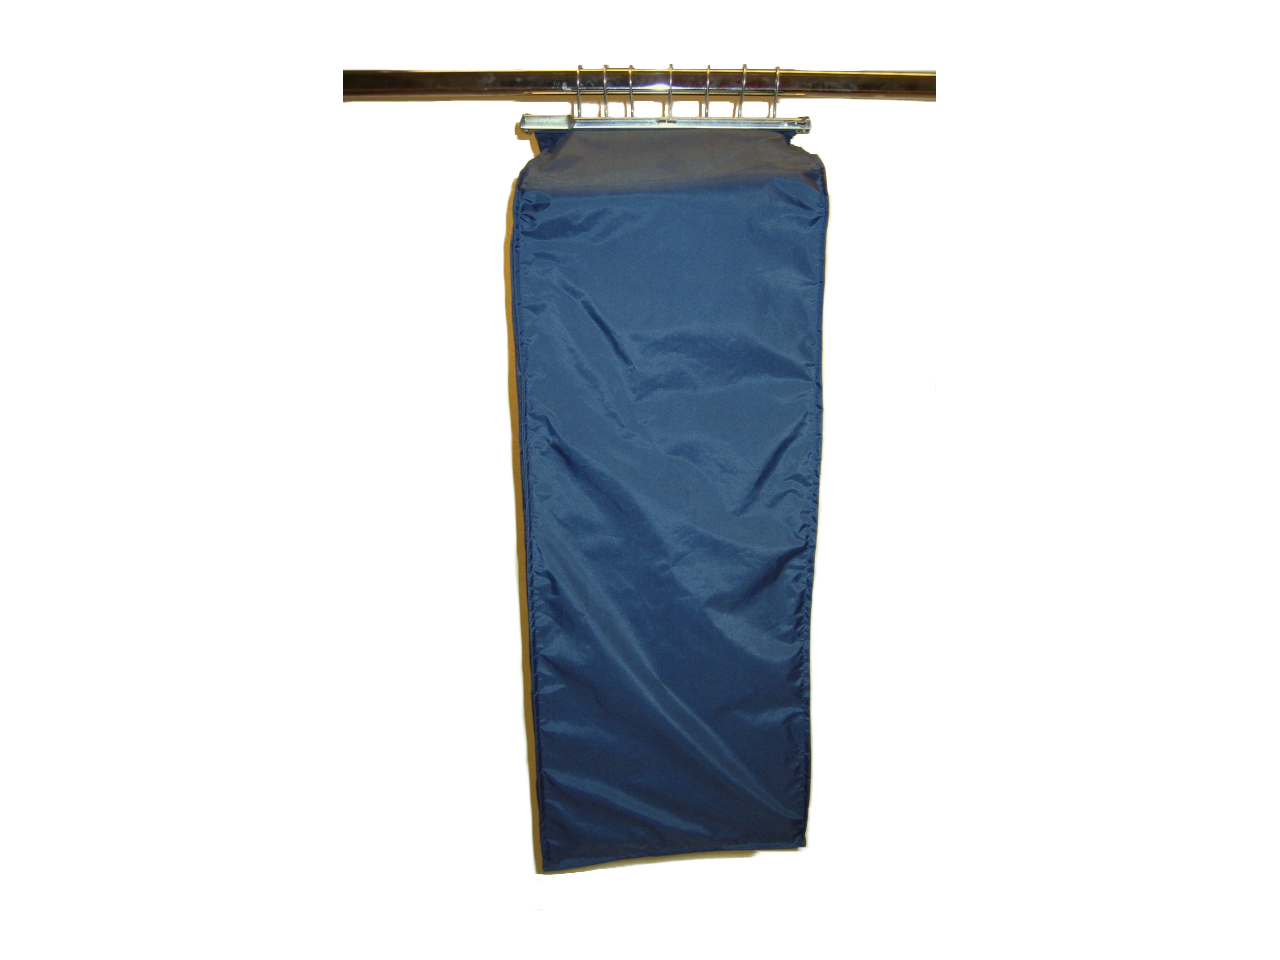 Kollektionskleidersack mit Klemmschiene Nylon